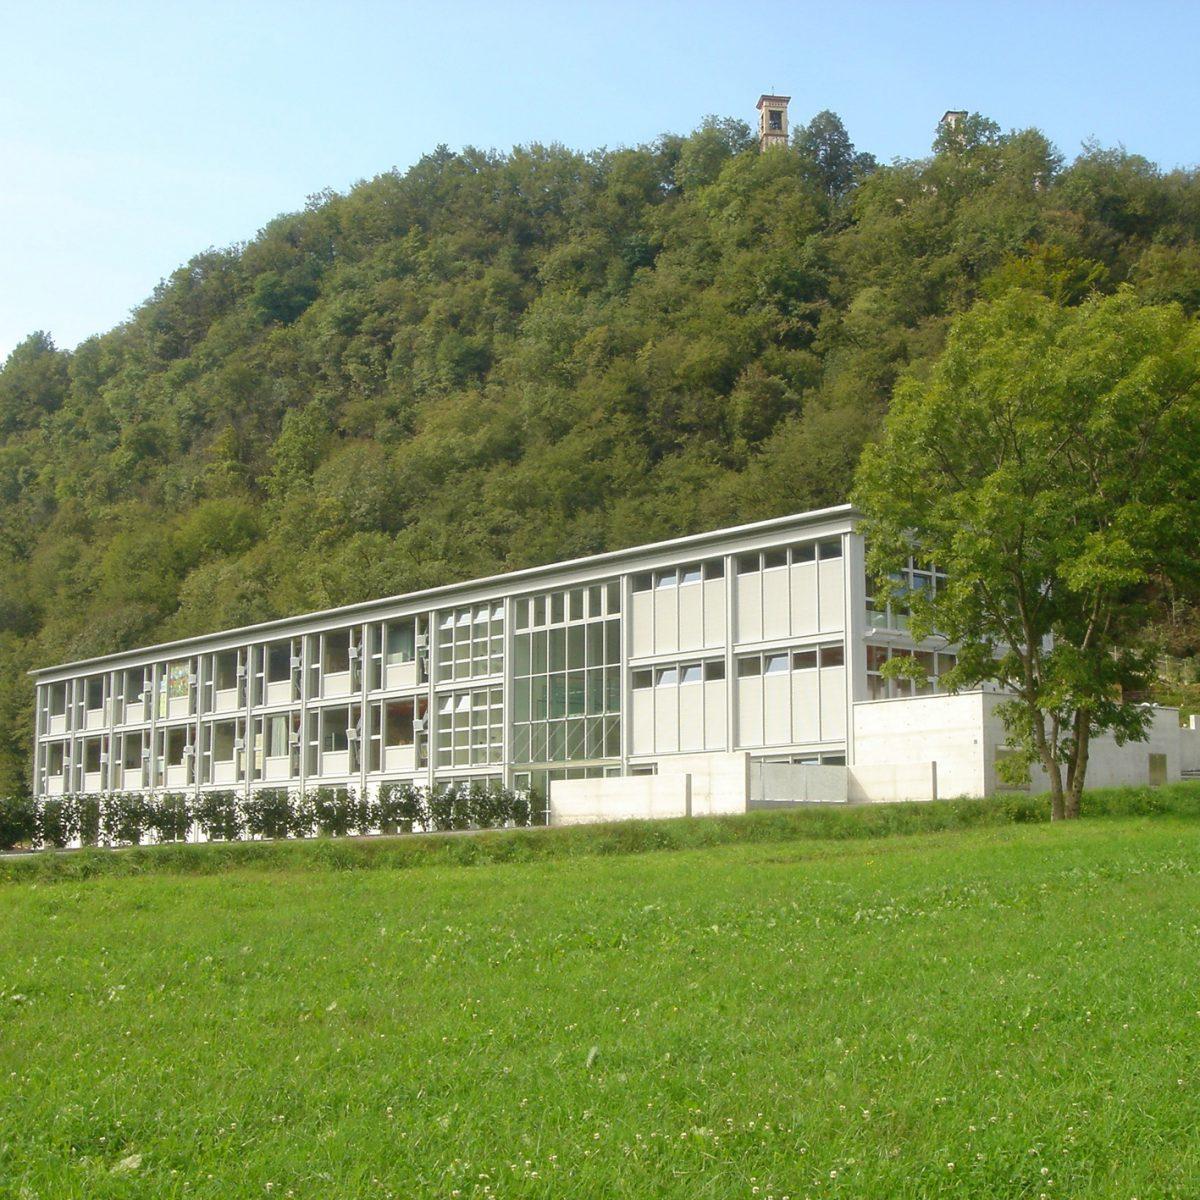 Scuola Elementare, Barbengo